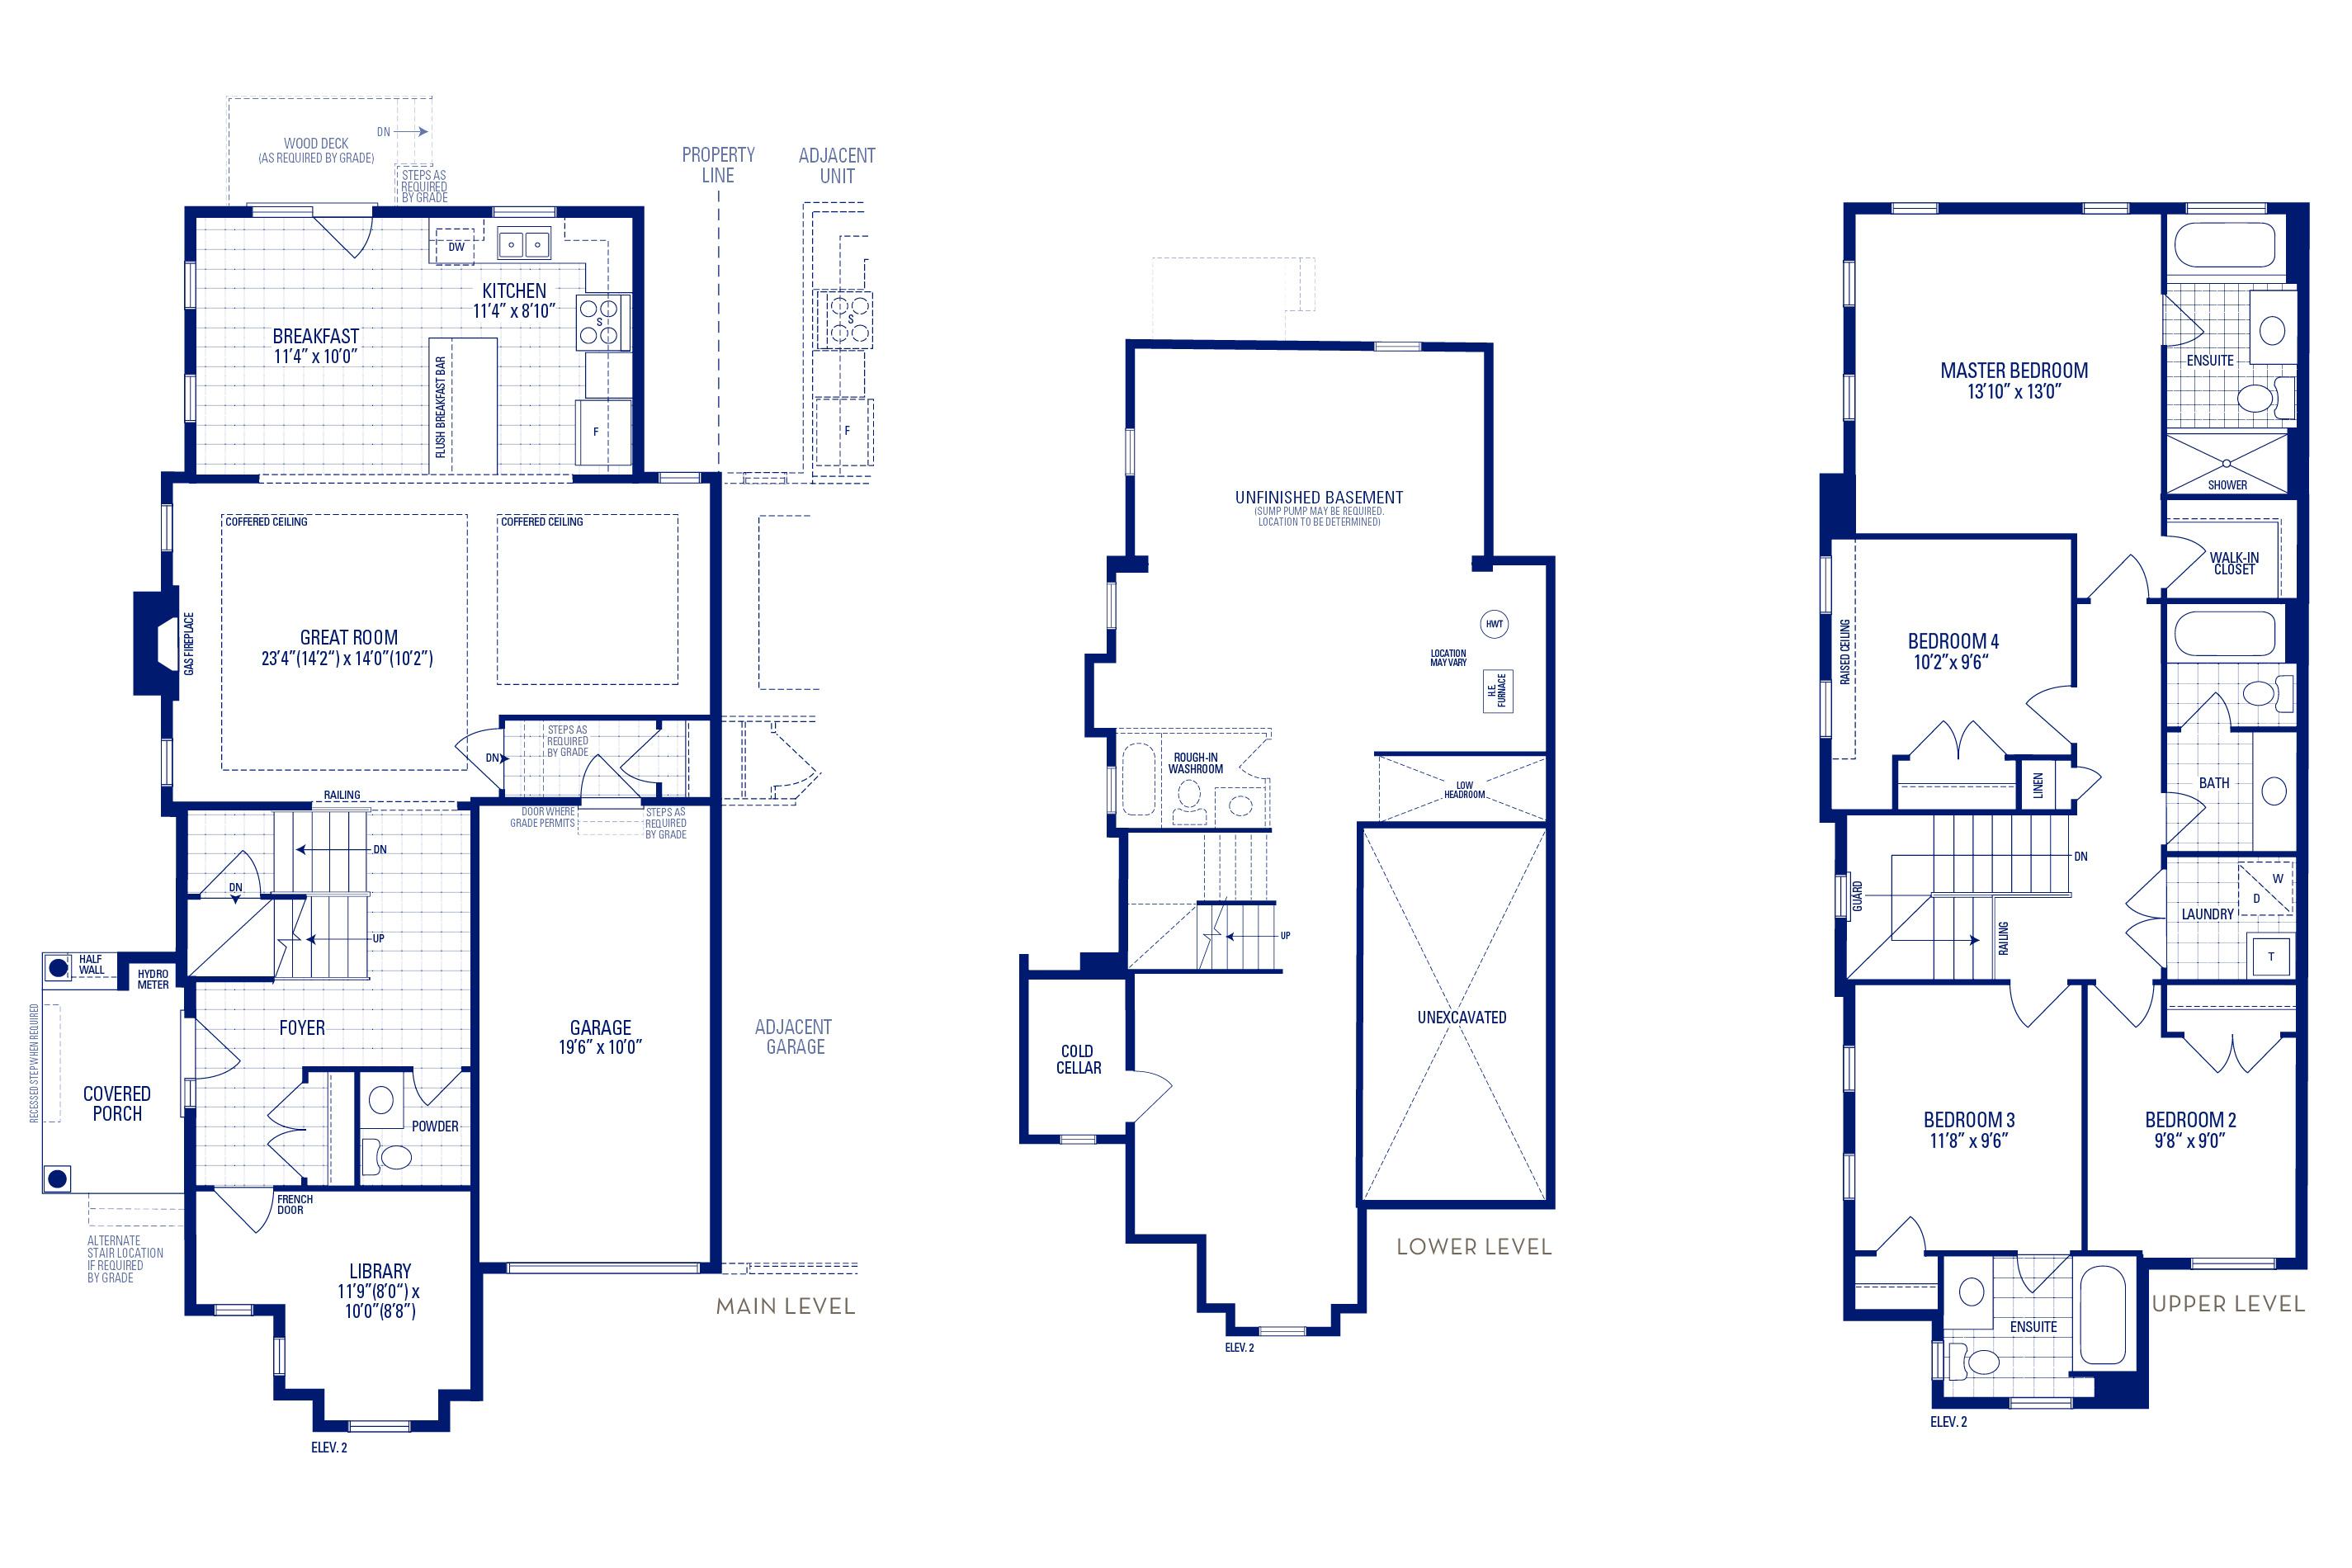 Newberry 12 Elev. 2 Floorplan Thumbnail